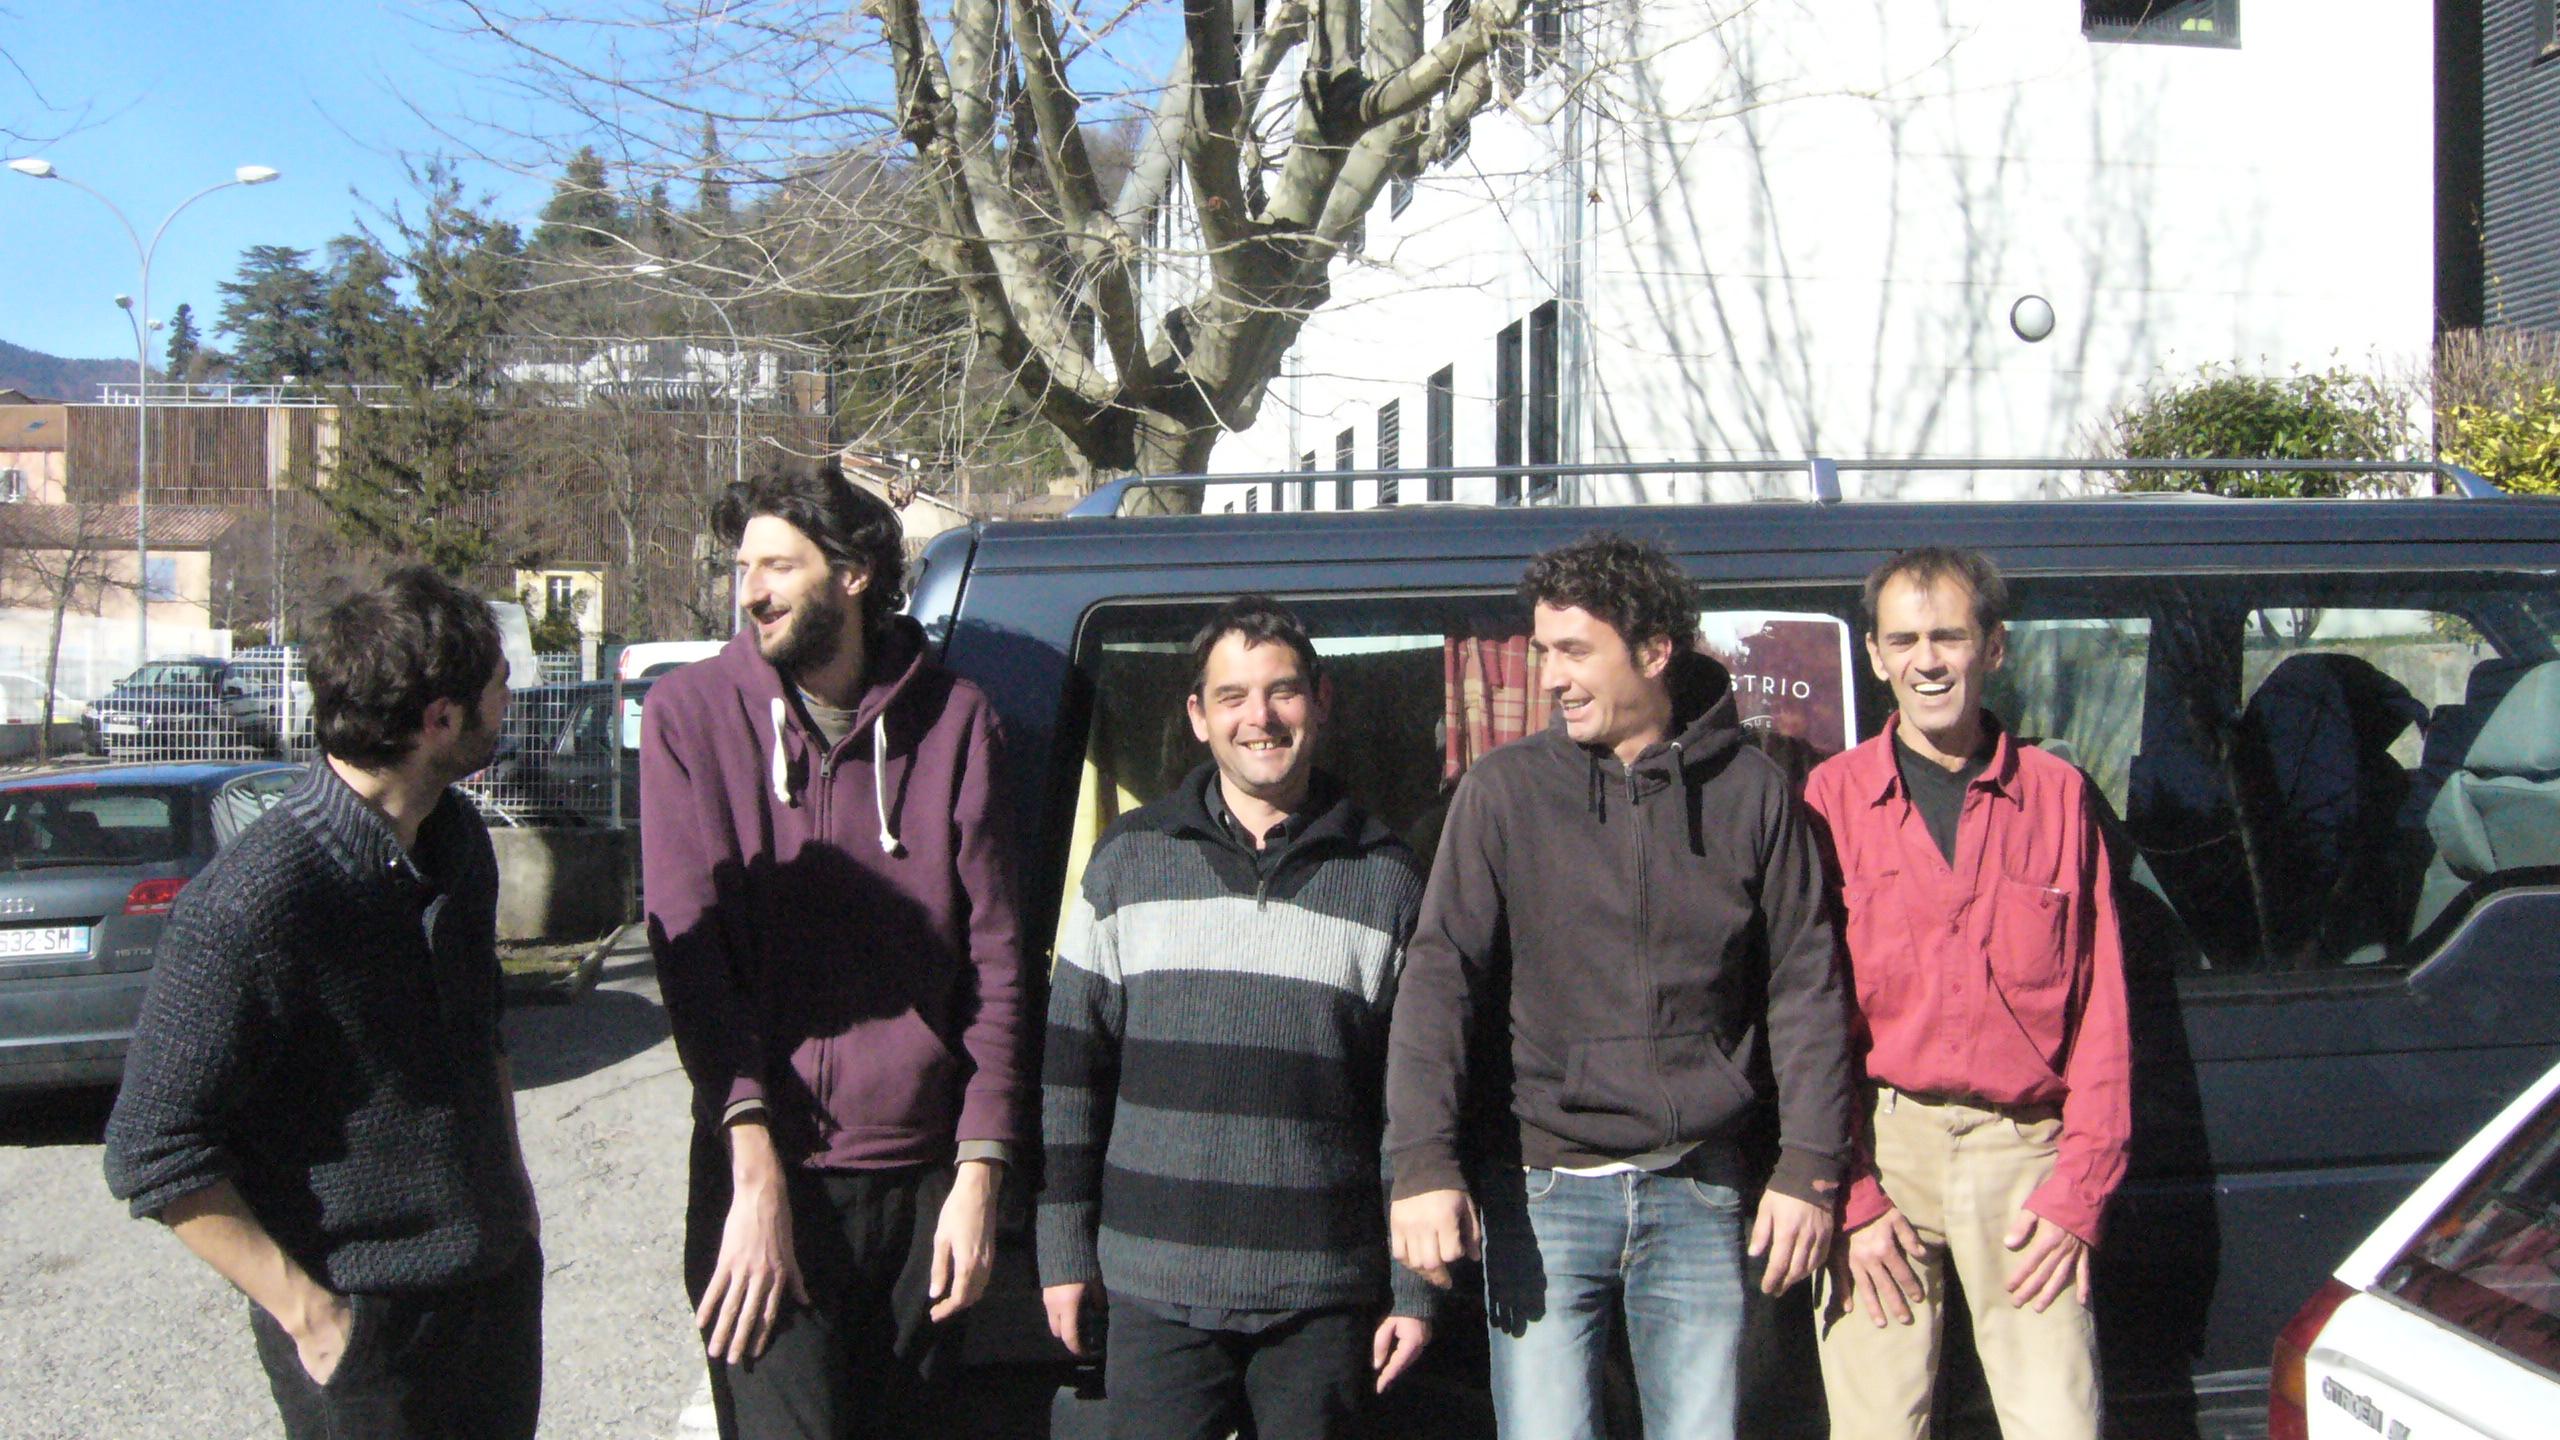 Ioanès Quintête métèque était en résidence à Digne.